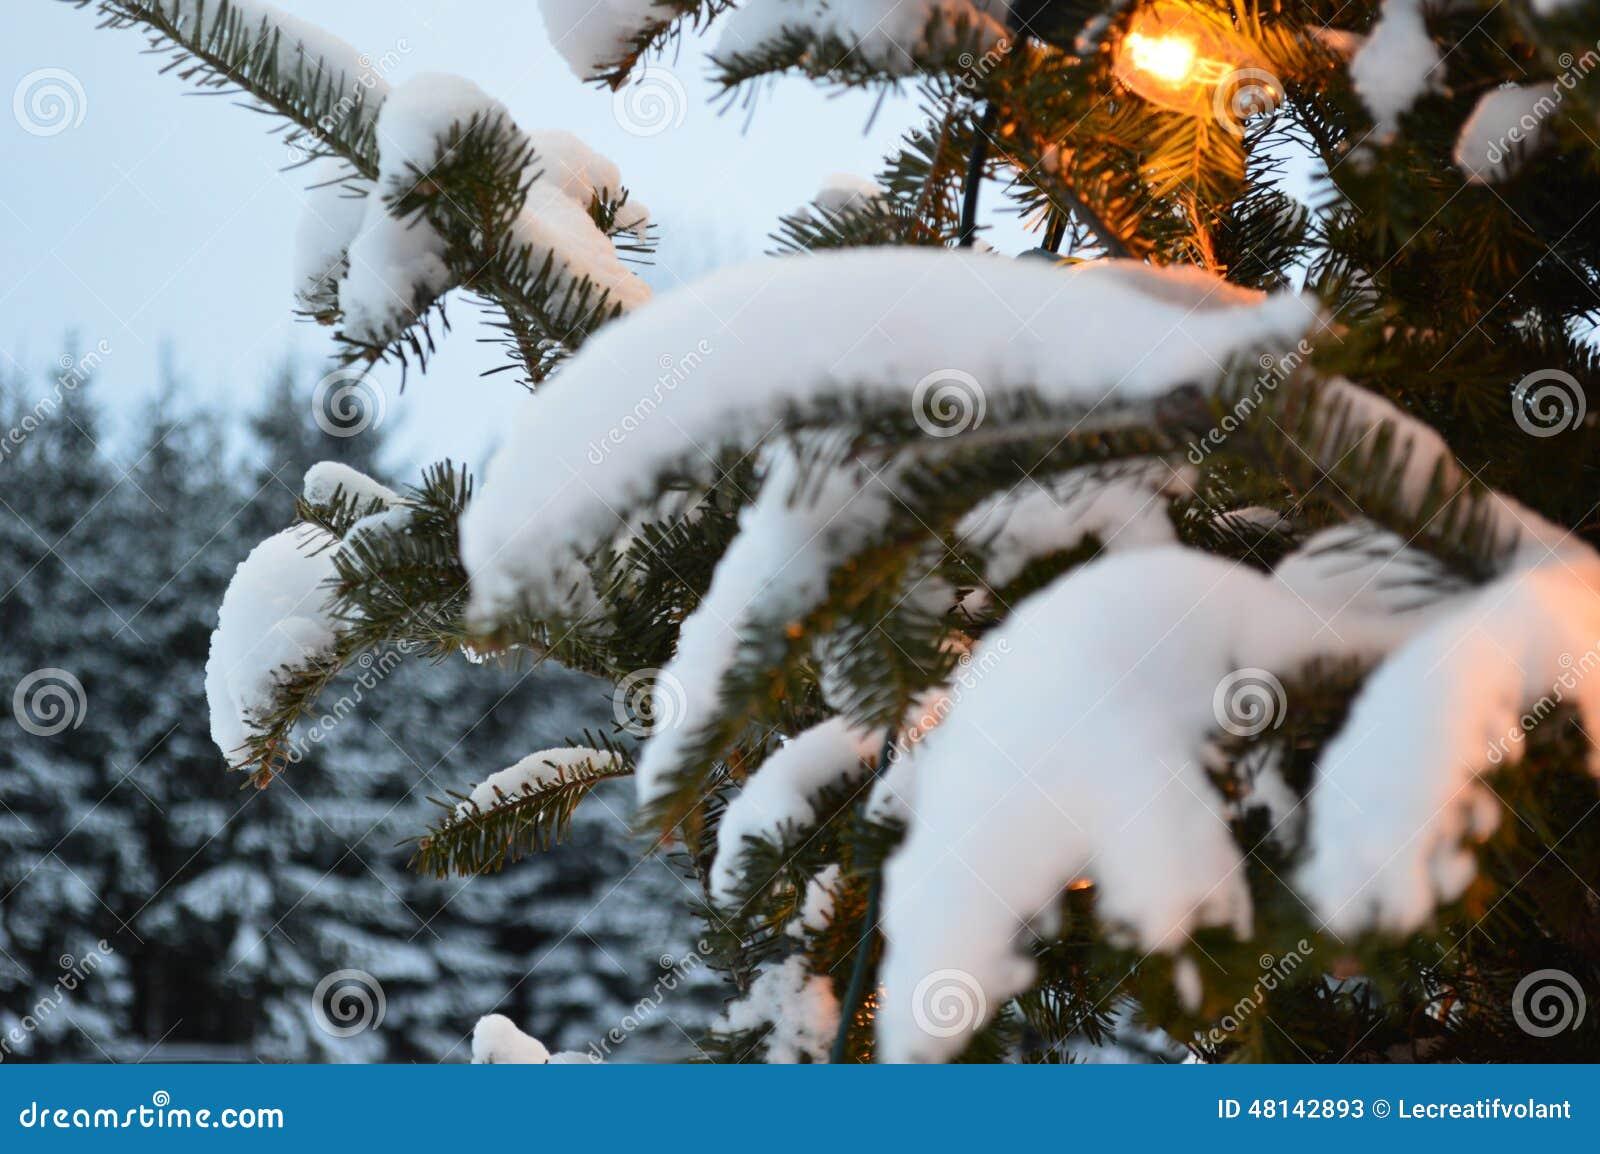 Weihnachtsbaum Und Lichter, Tannen Und Schnee Stockbild - Bild von ...